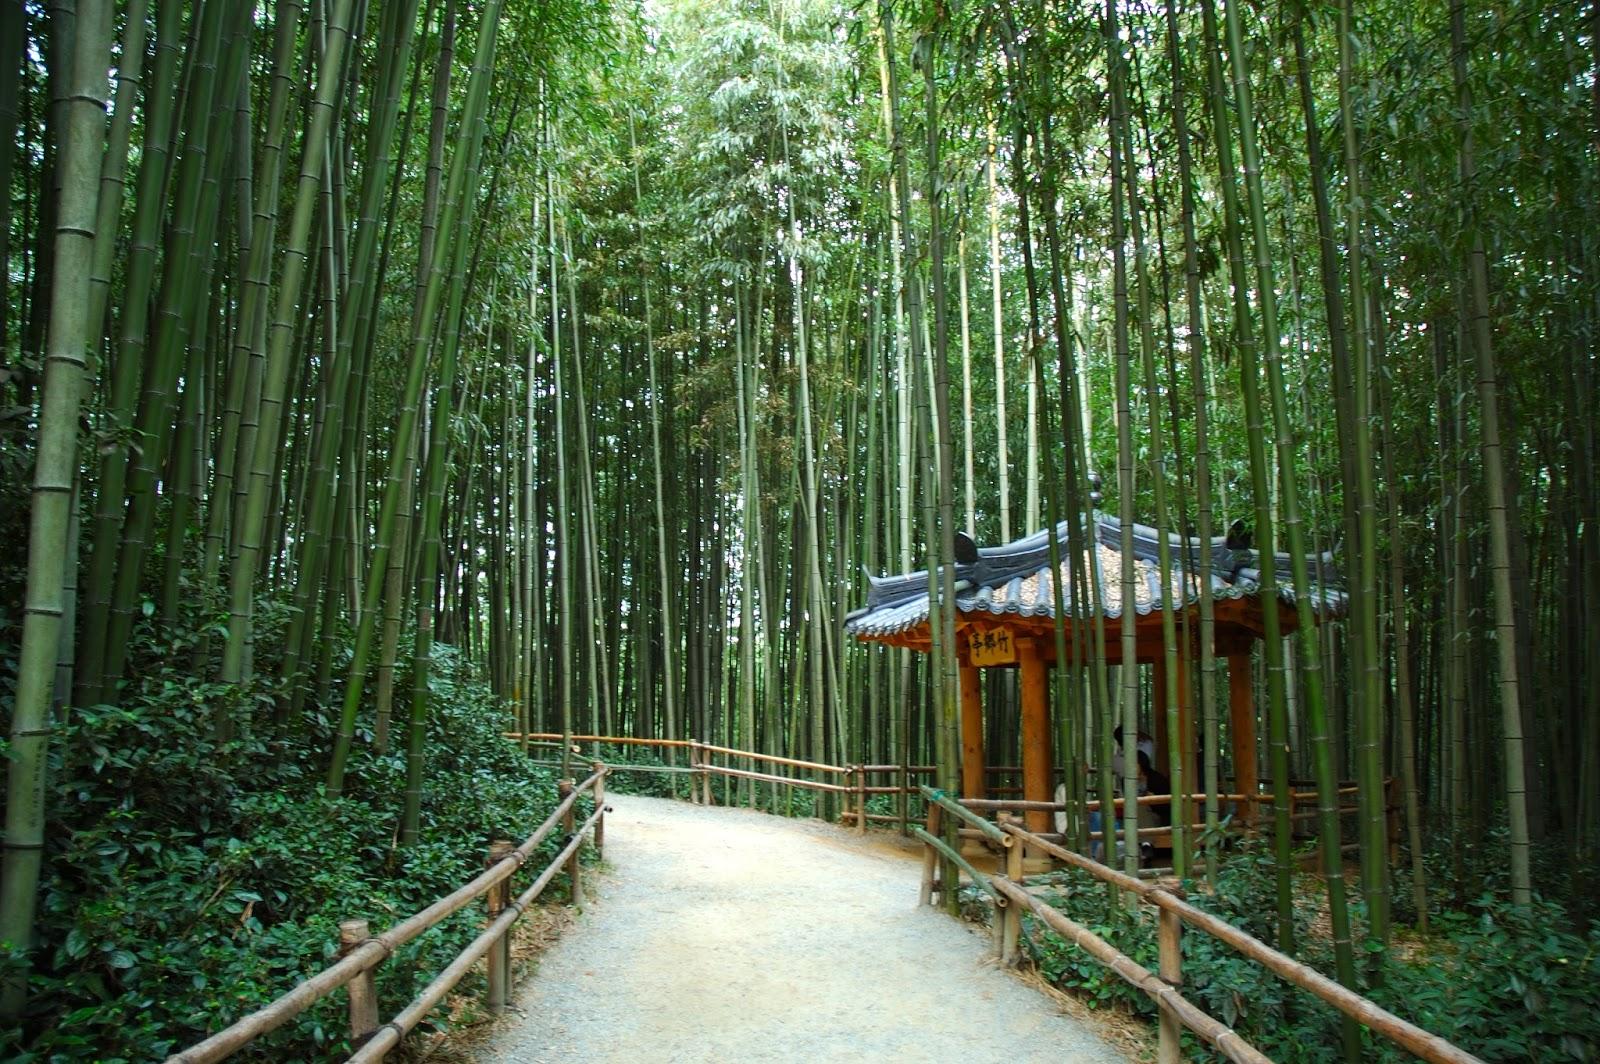 como plantar bambu orgânico : bambu gigante